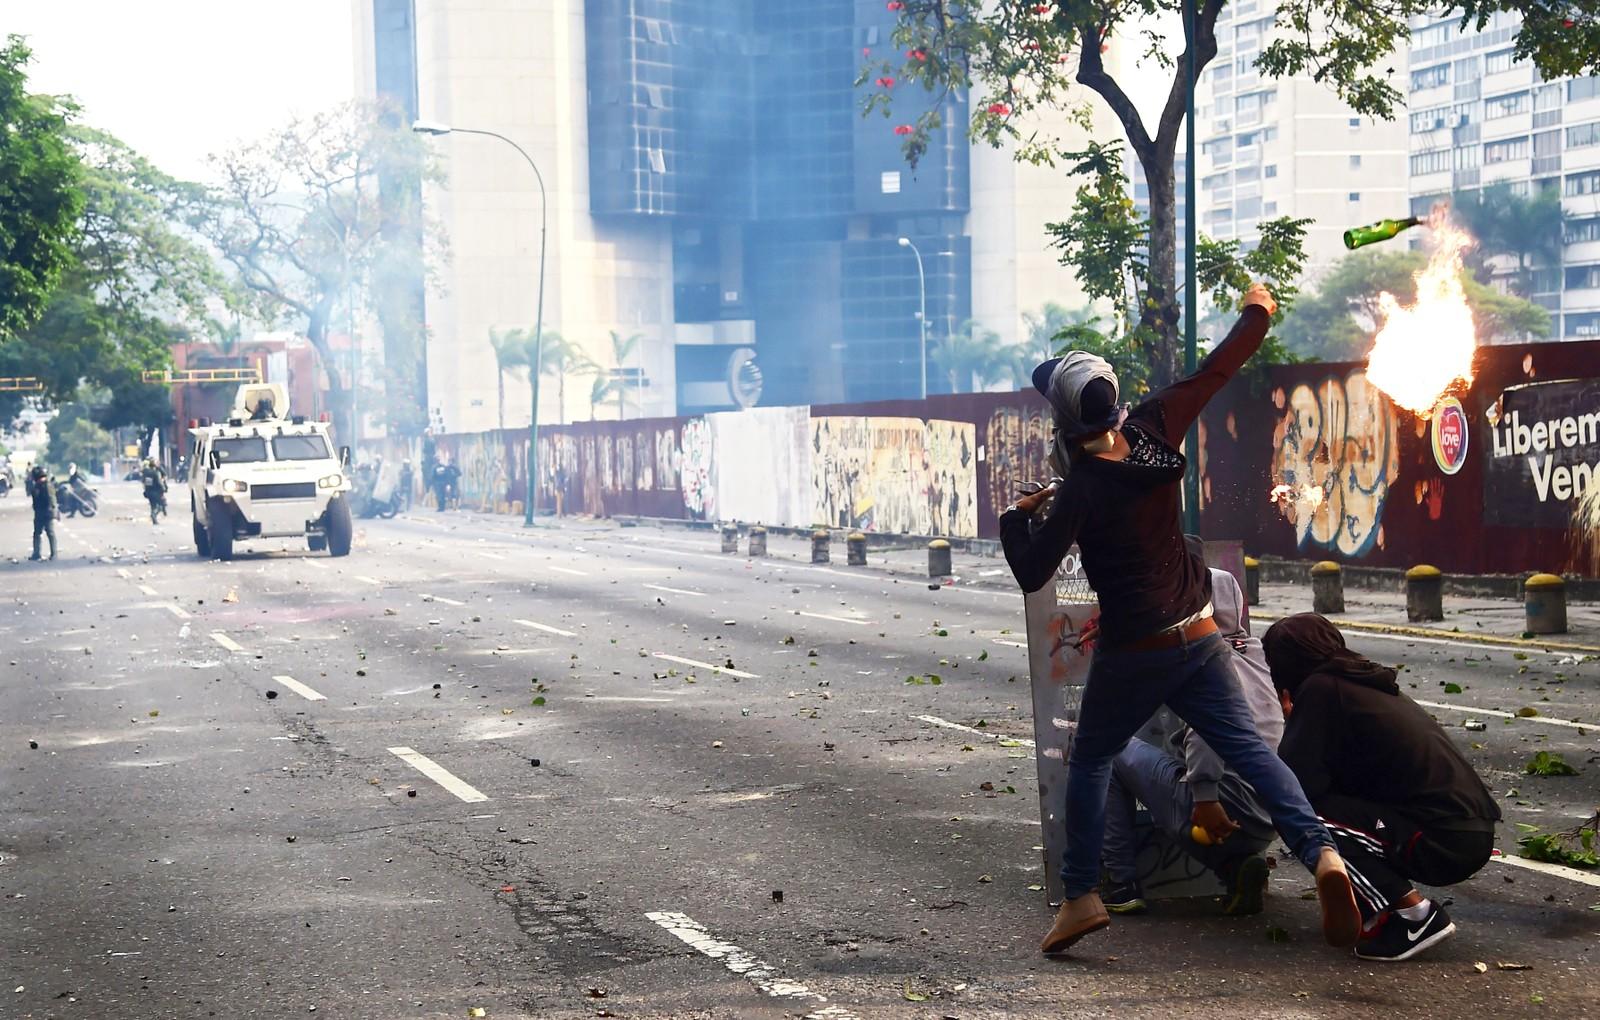 En demonstrant kaster en såkalt Molotov-cocktail mot opprørspolitiet.